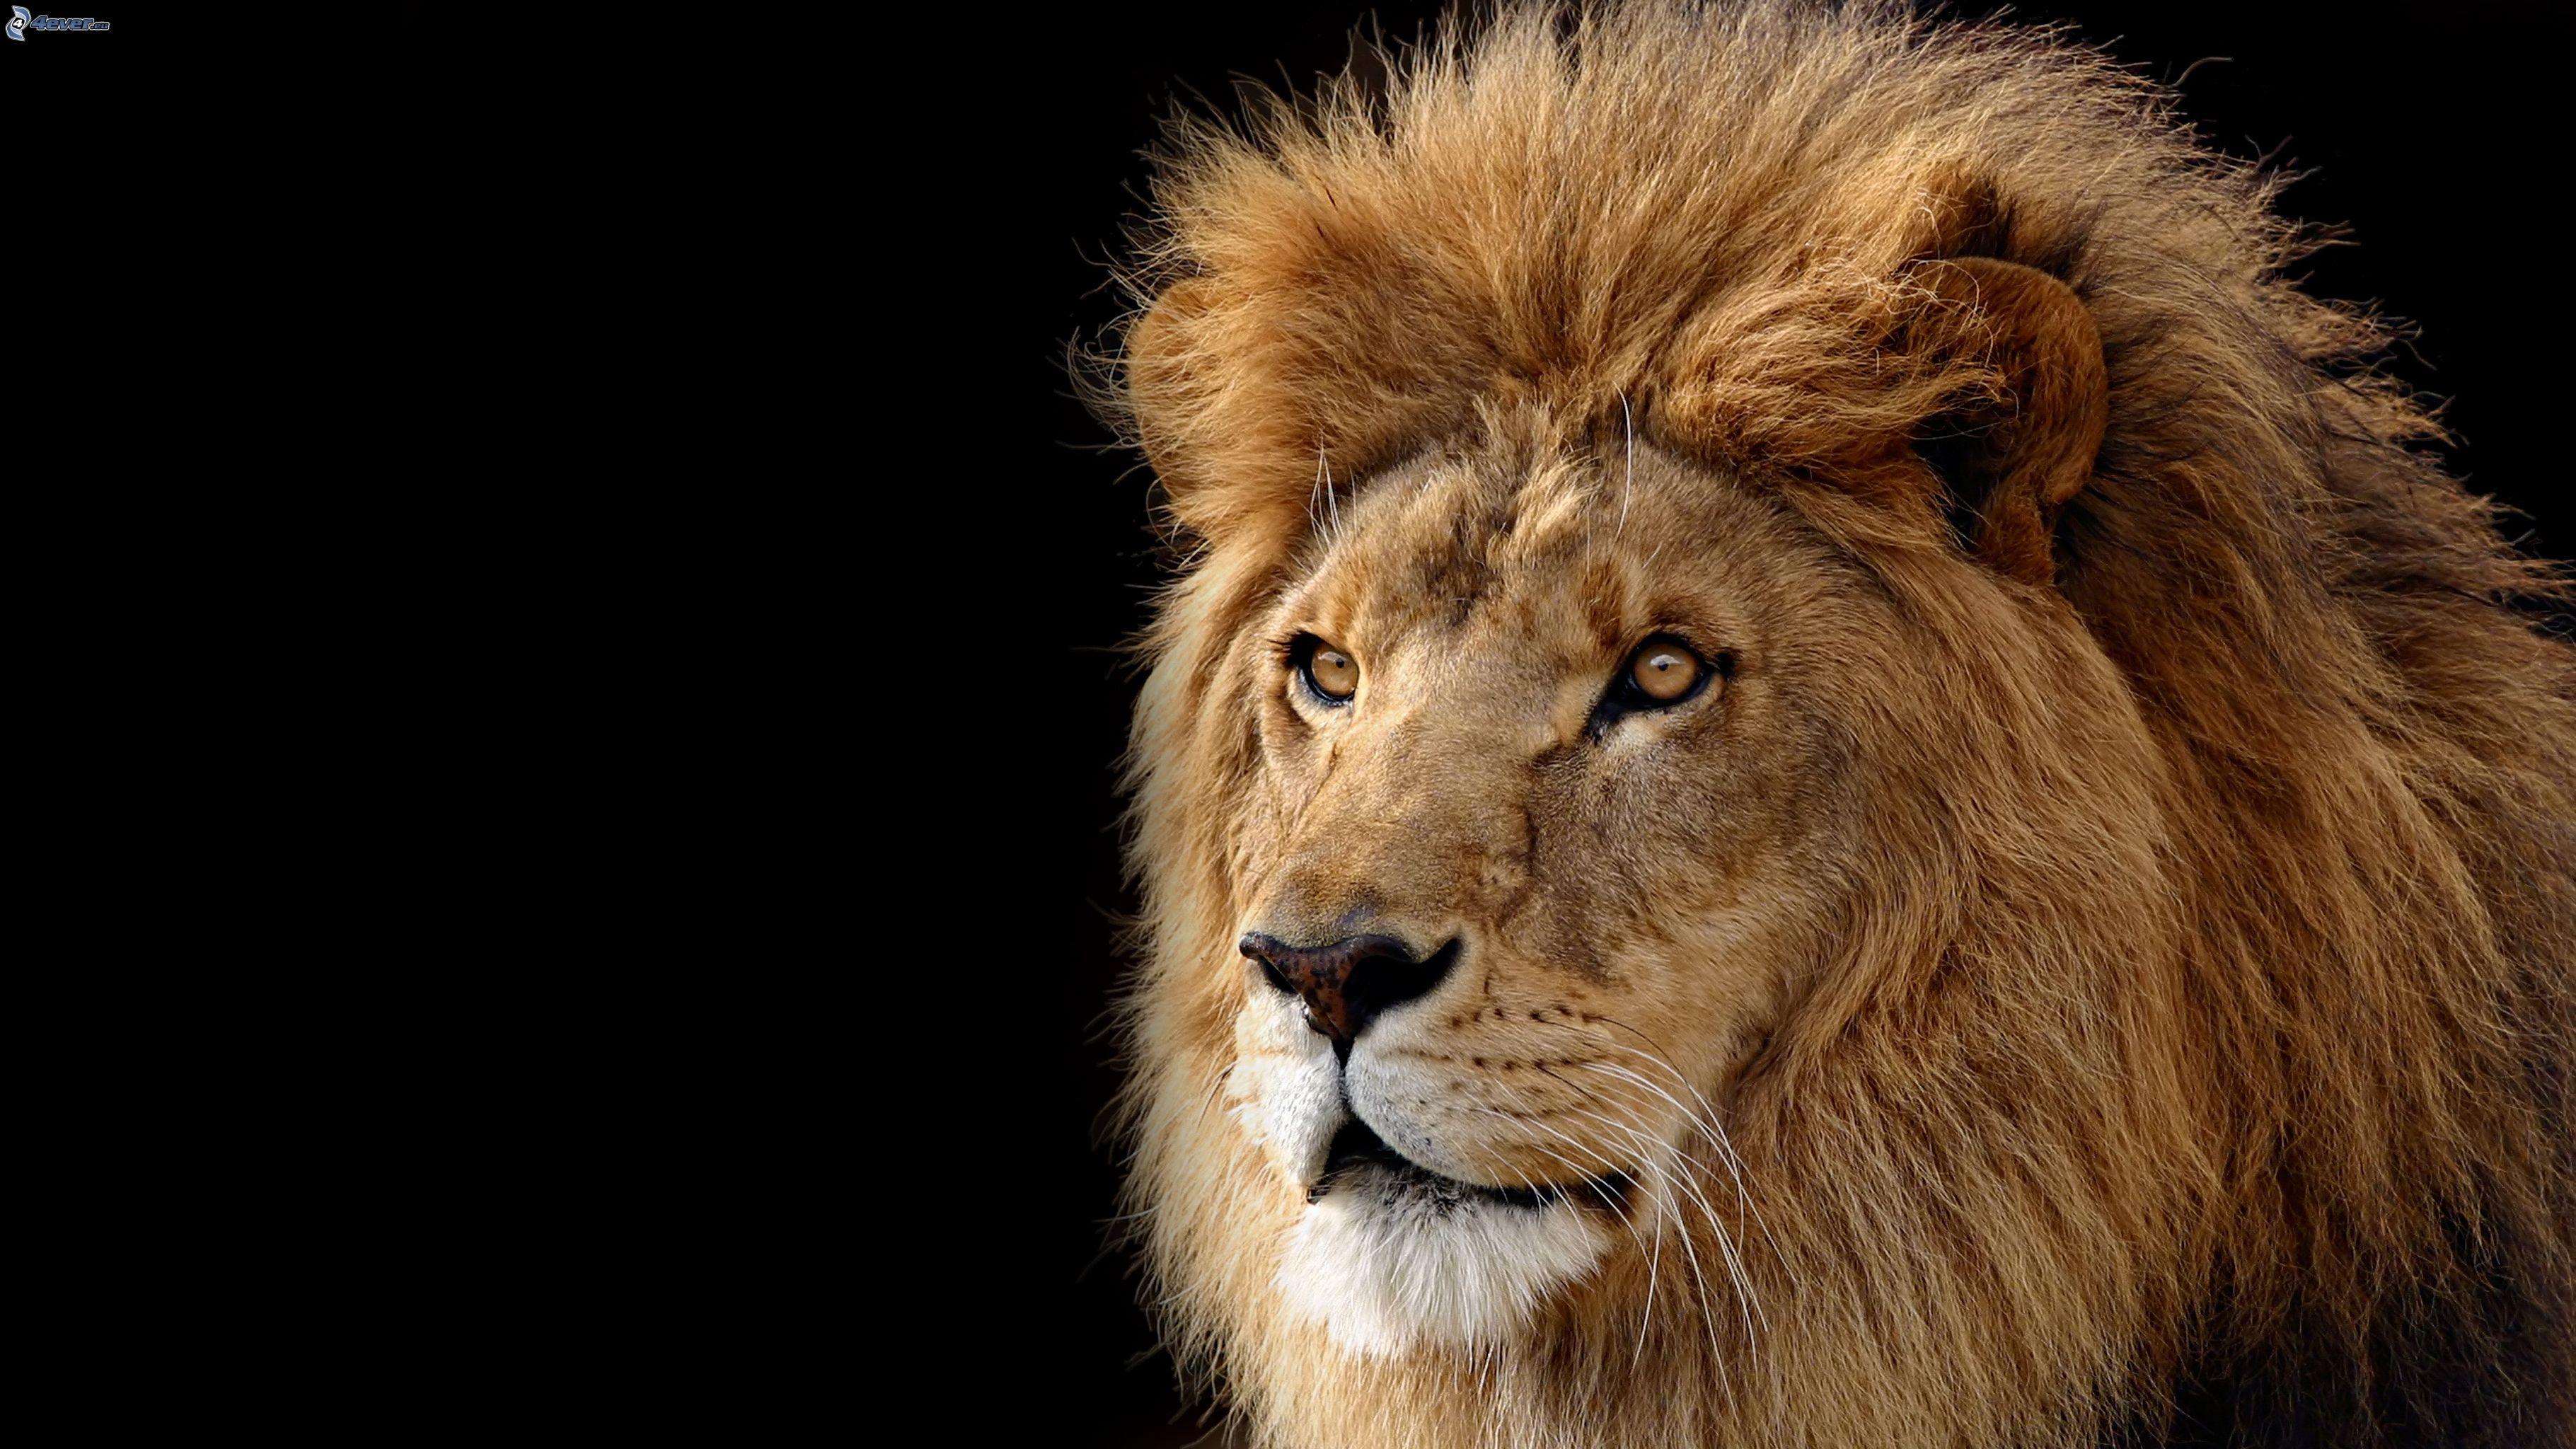 foto spettacolare leone foto spettacolari dal mondo